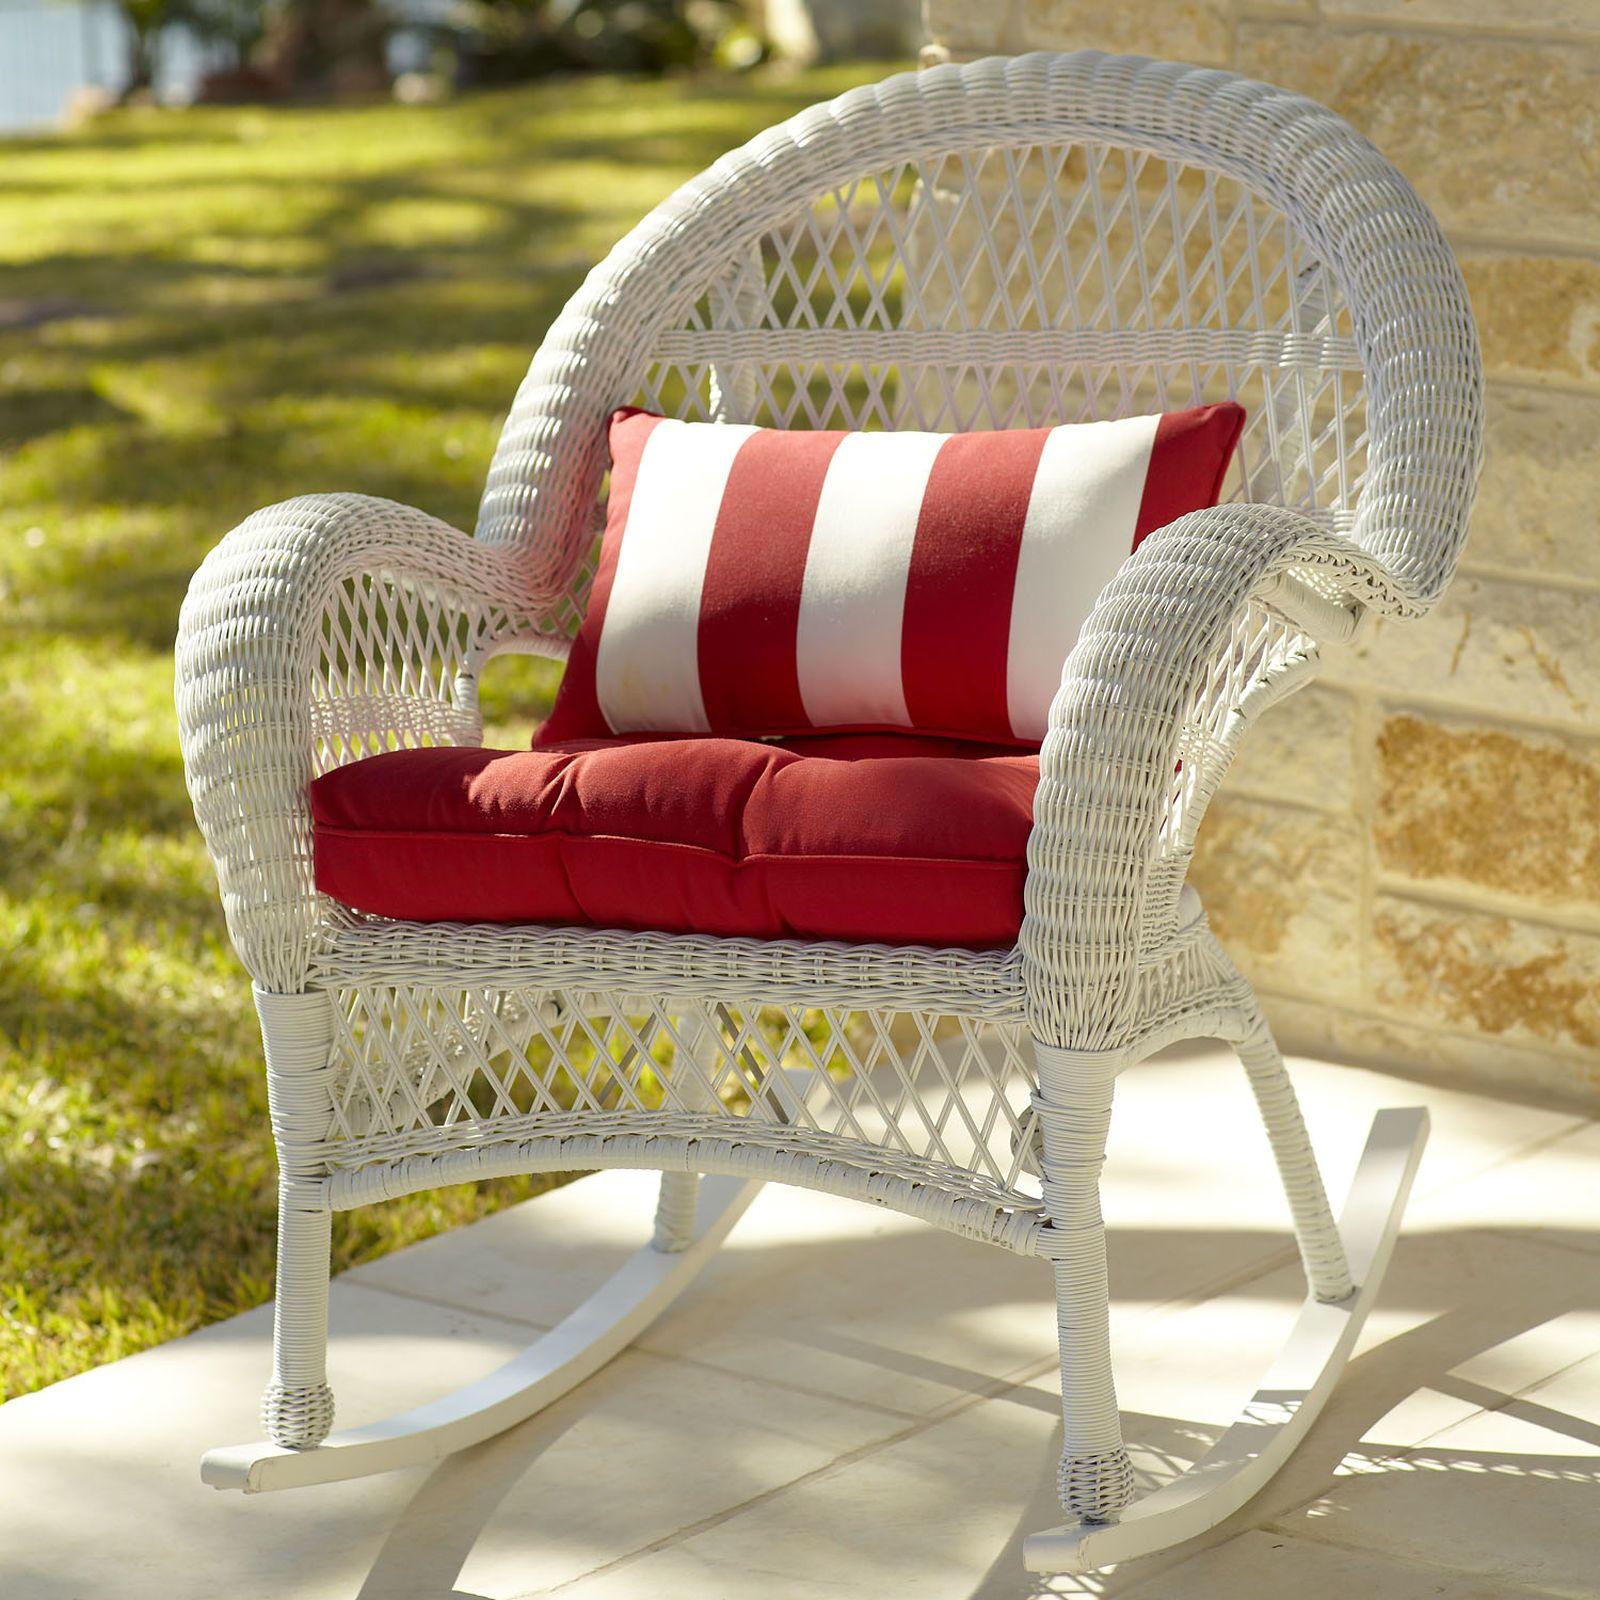 Santa Barbara White Rocking Chair Pier 1 Imports White Rocking